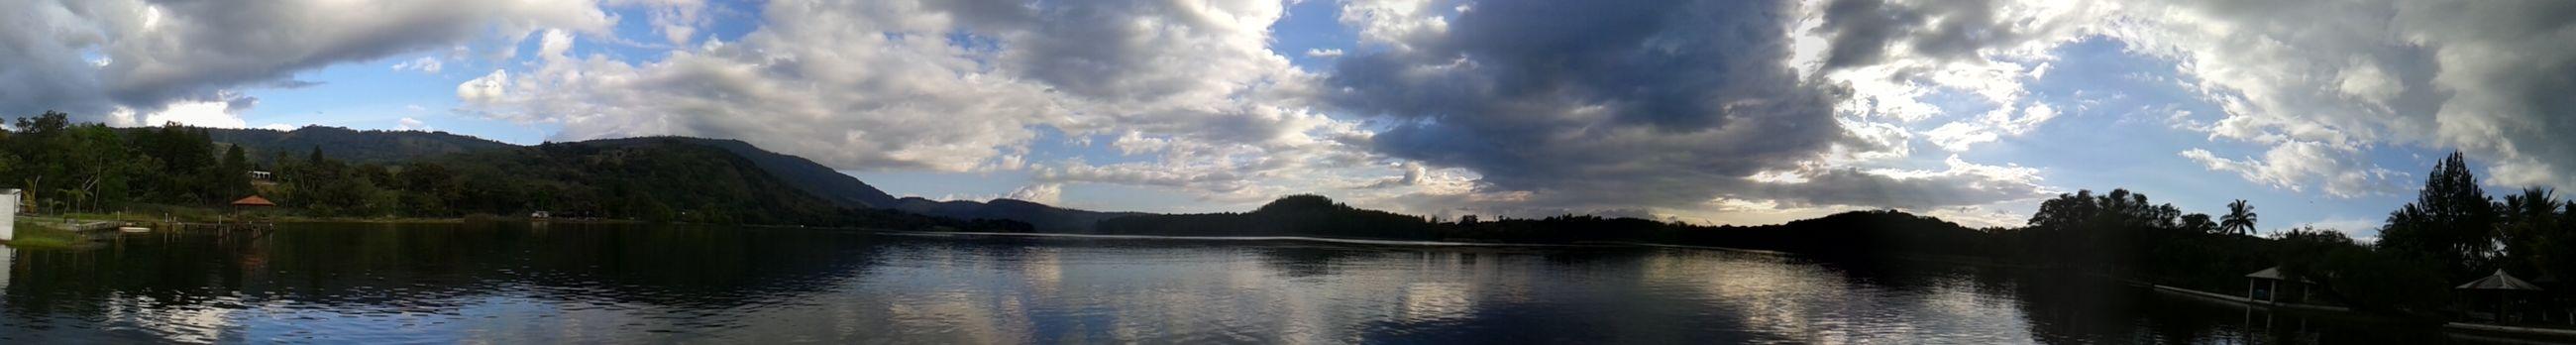 Laguneando, laguna del Pino Relaxing Enjoying Life Hanging Out Family